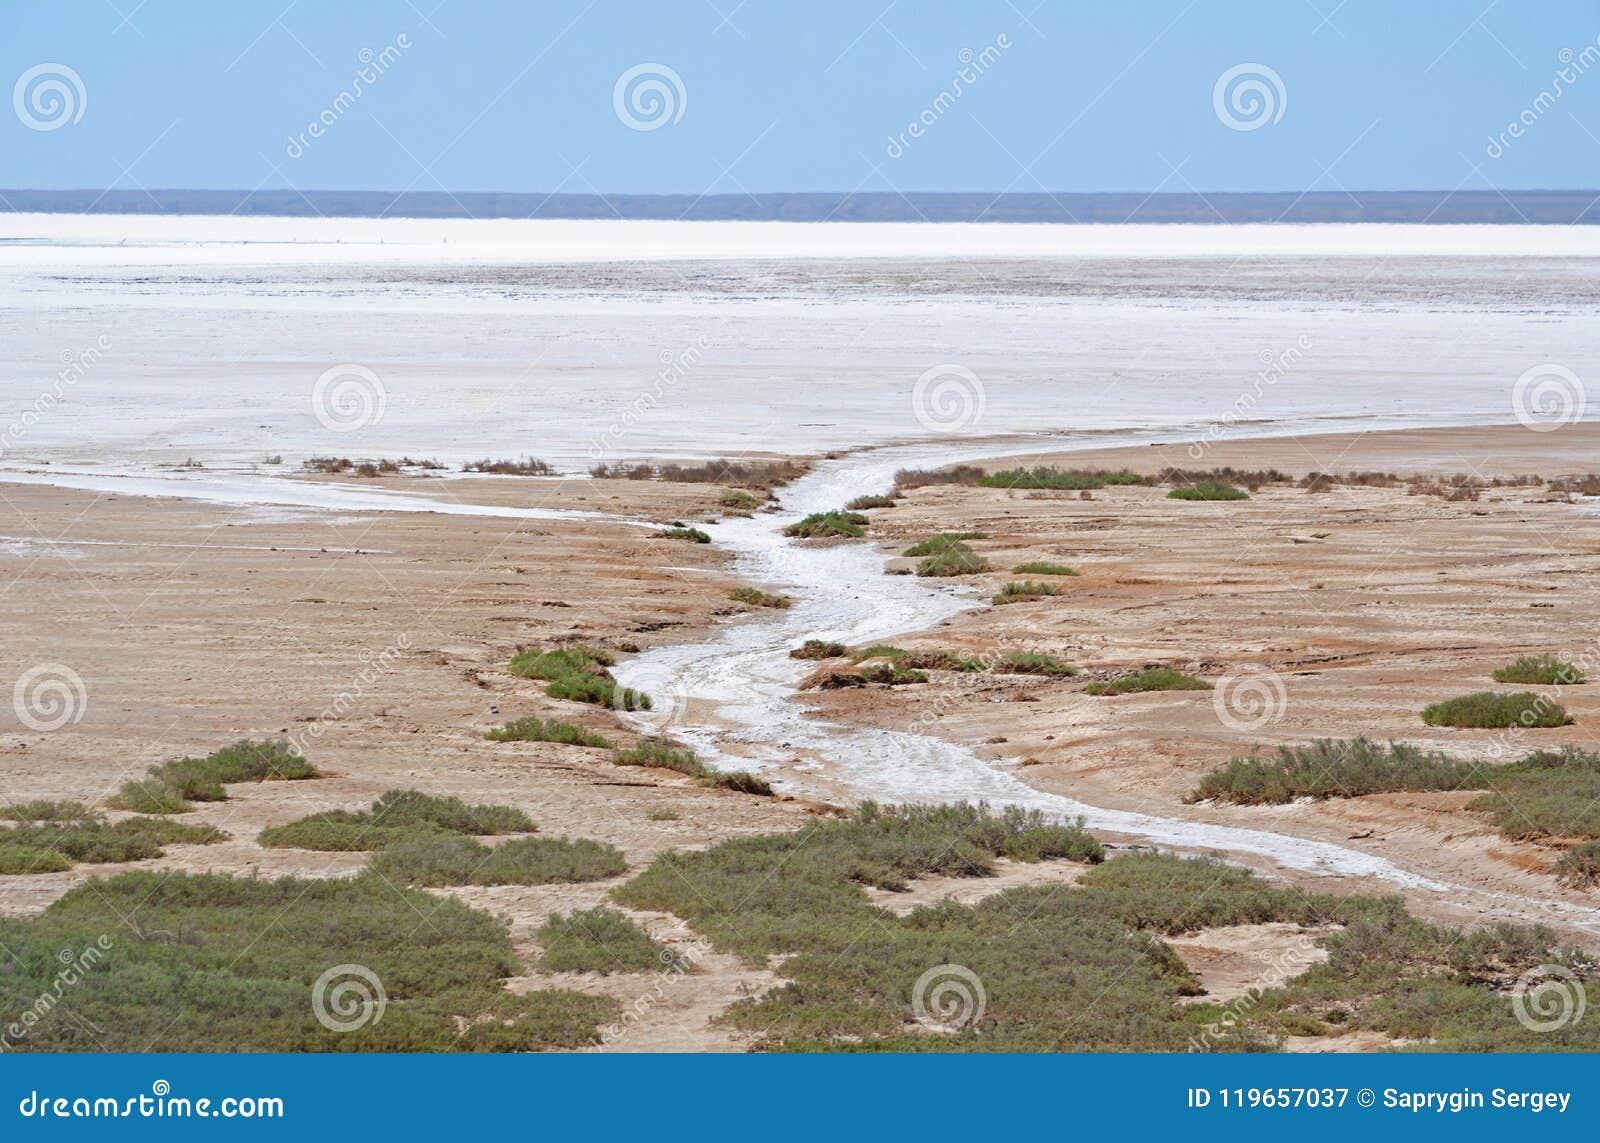 埃利通湖水晶盐